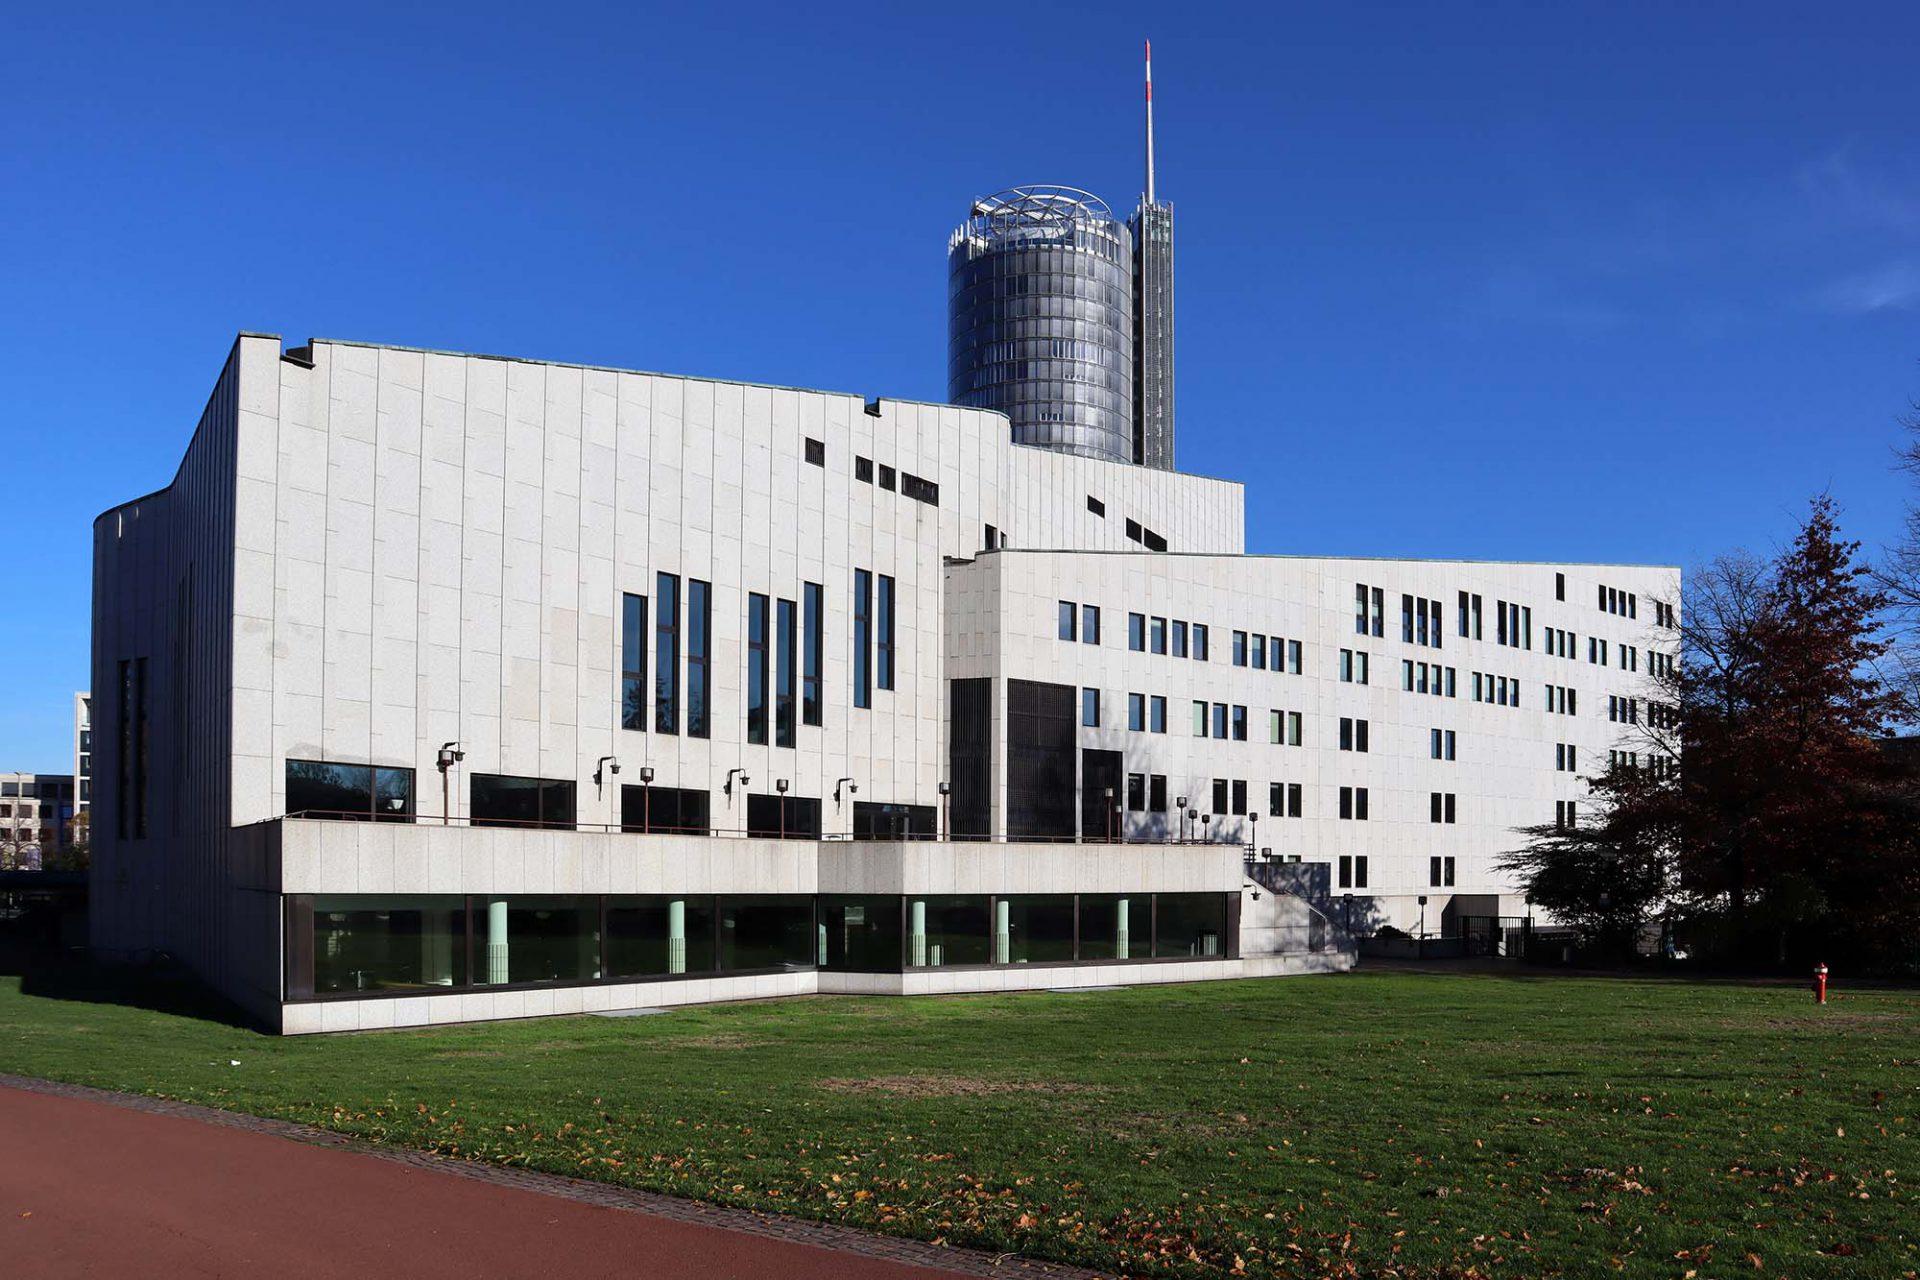 Musiktheater. Alvar Aalto selbst erlebte die feierliche Eröffnung 1988 nicht. Er starb bereits 12 Jahre zuvor. Die Grundsteinlegung und künstlerische Oberleitung übernahm seine Frau Elissa Aalto.